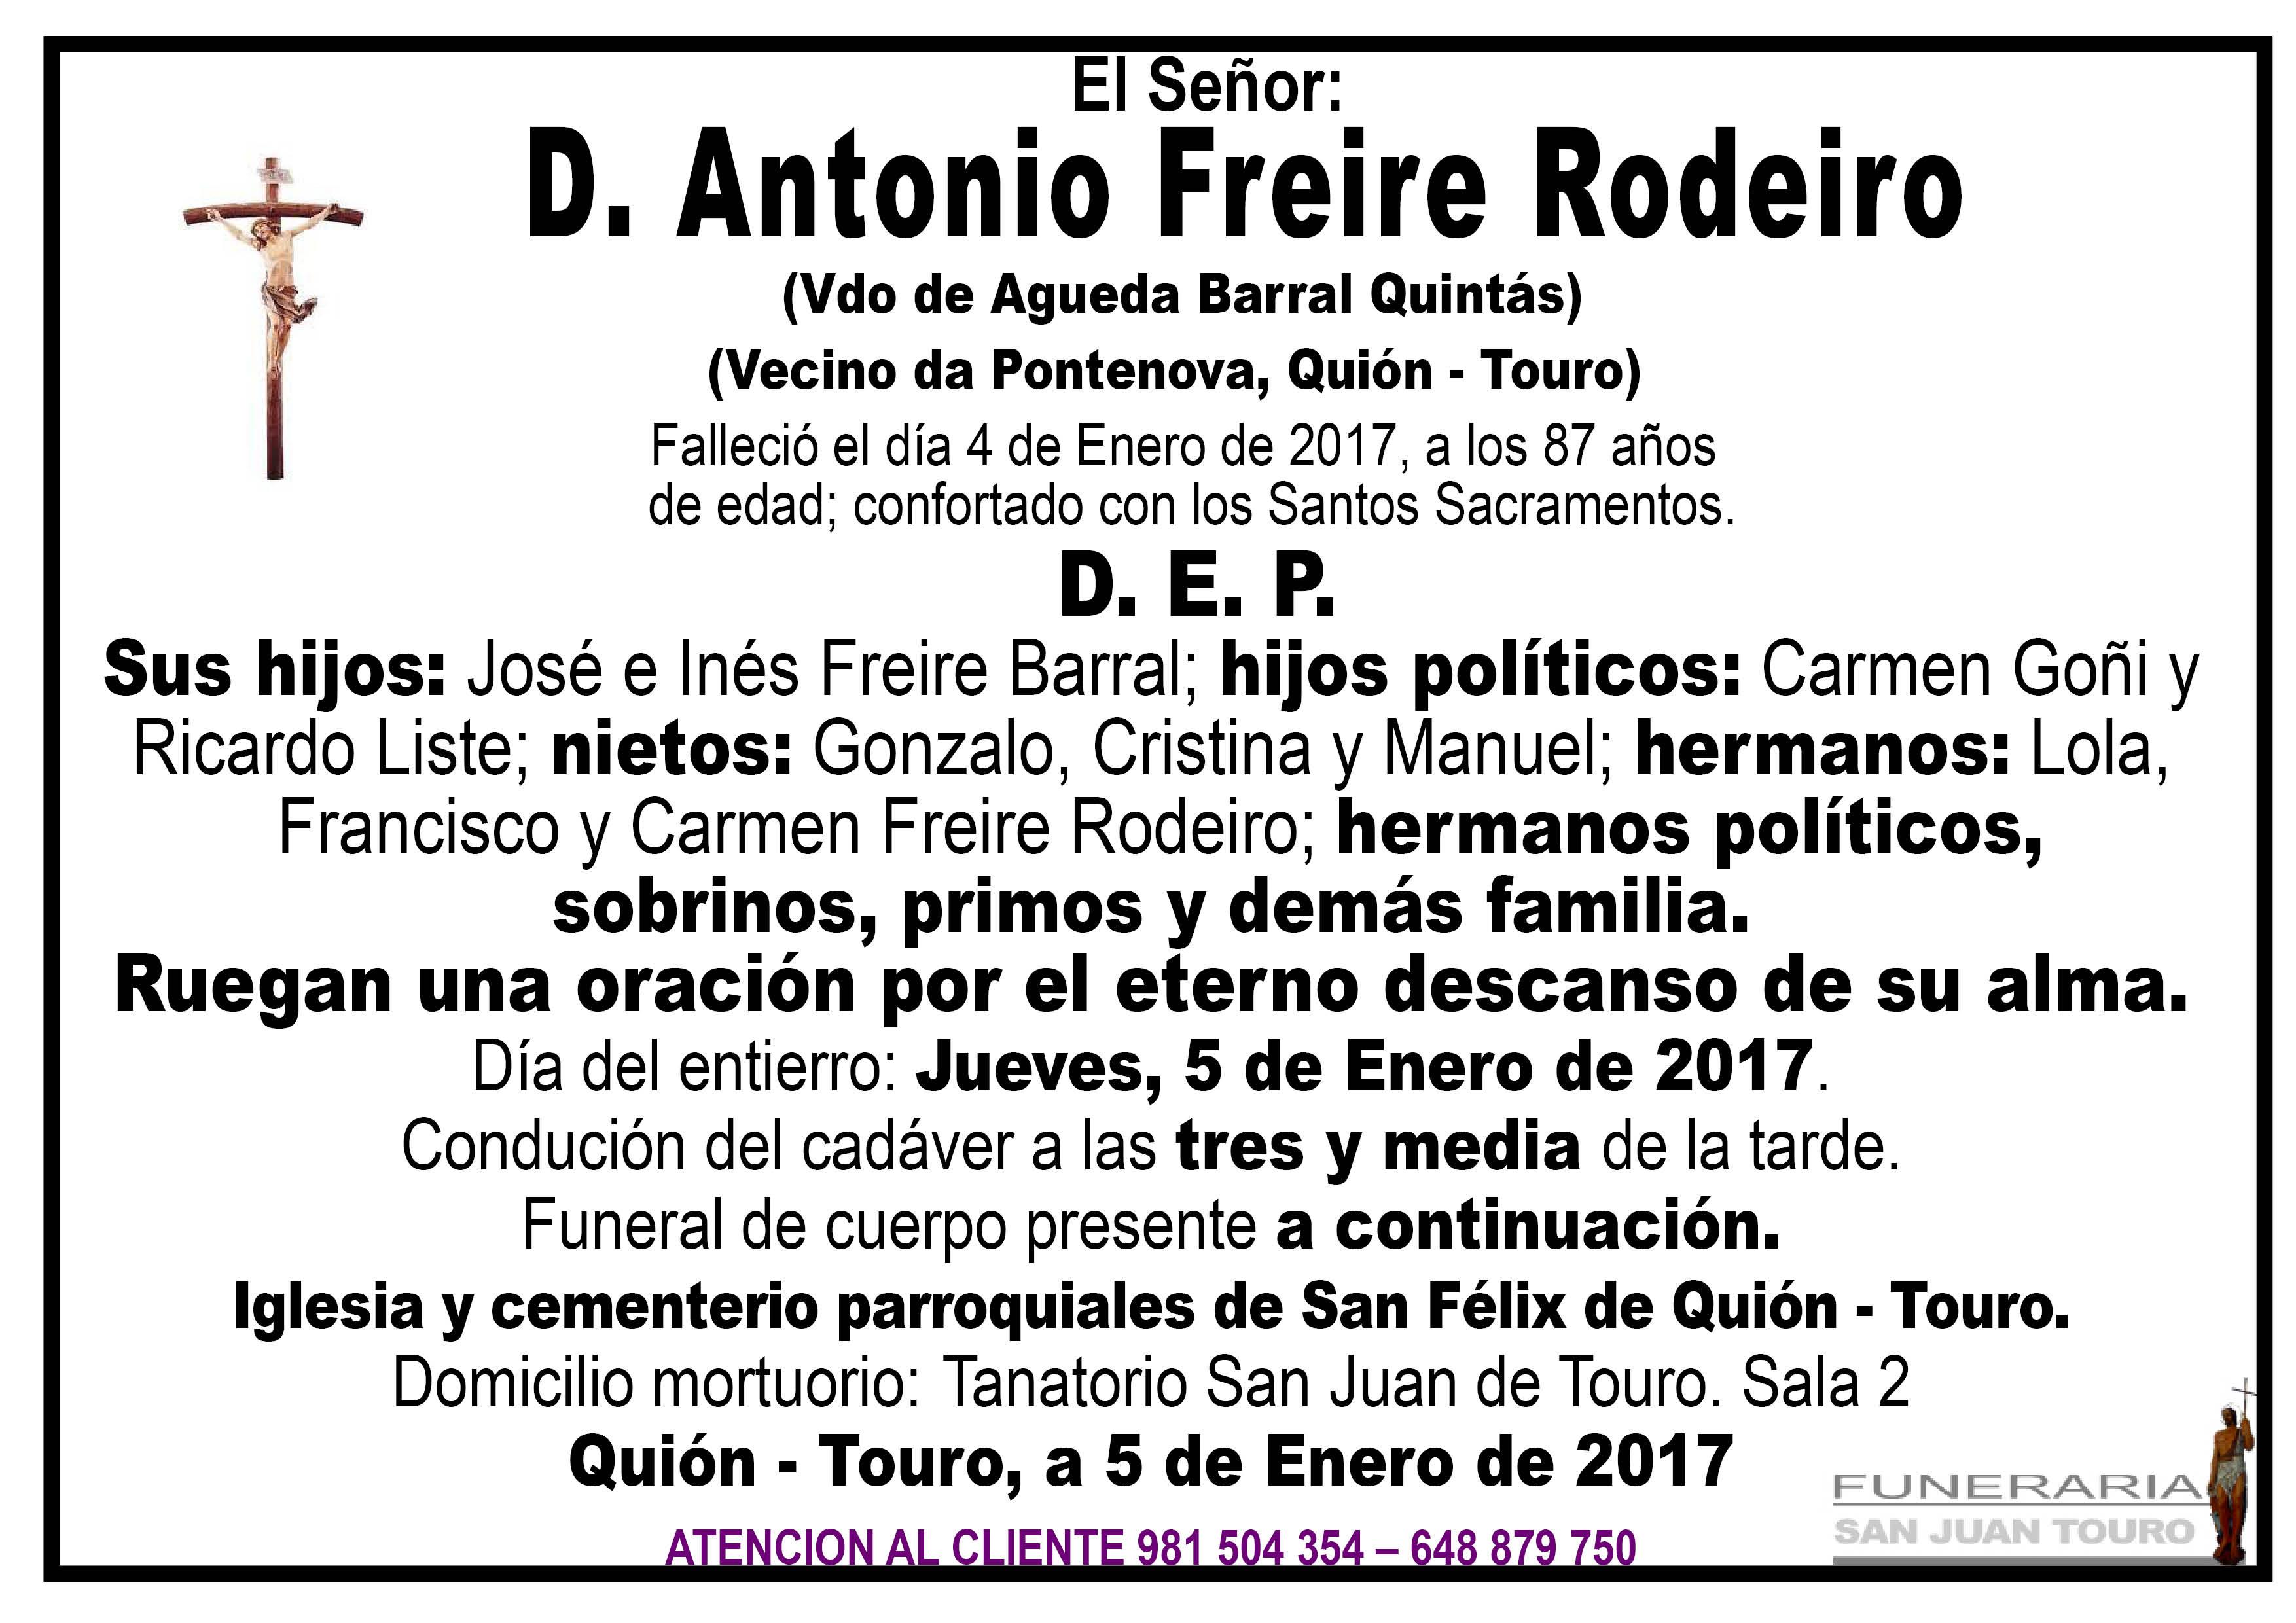 Esquela de SEPELIO DE D ANTONIO FREIRE RODEIRO